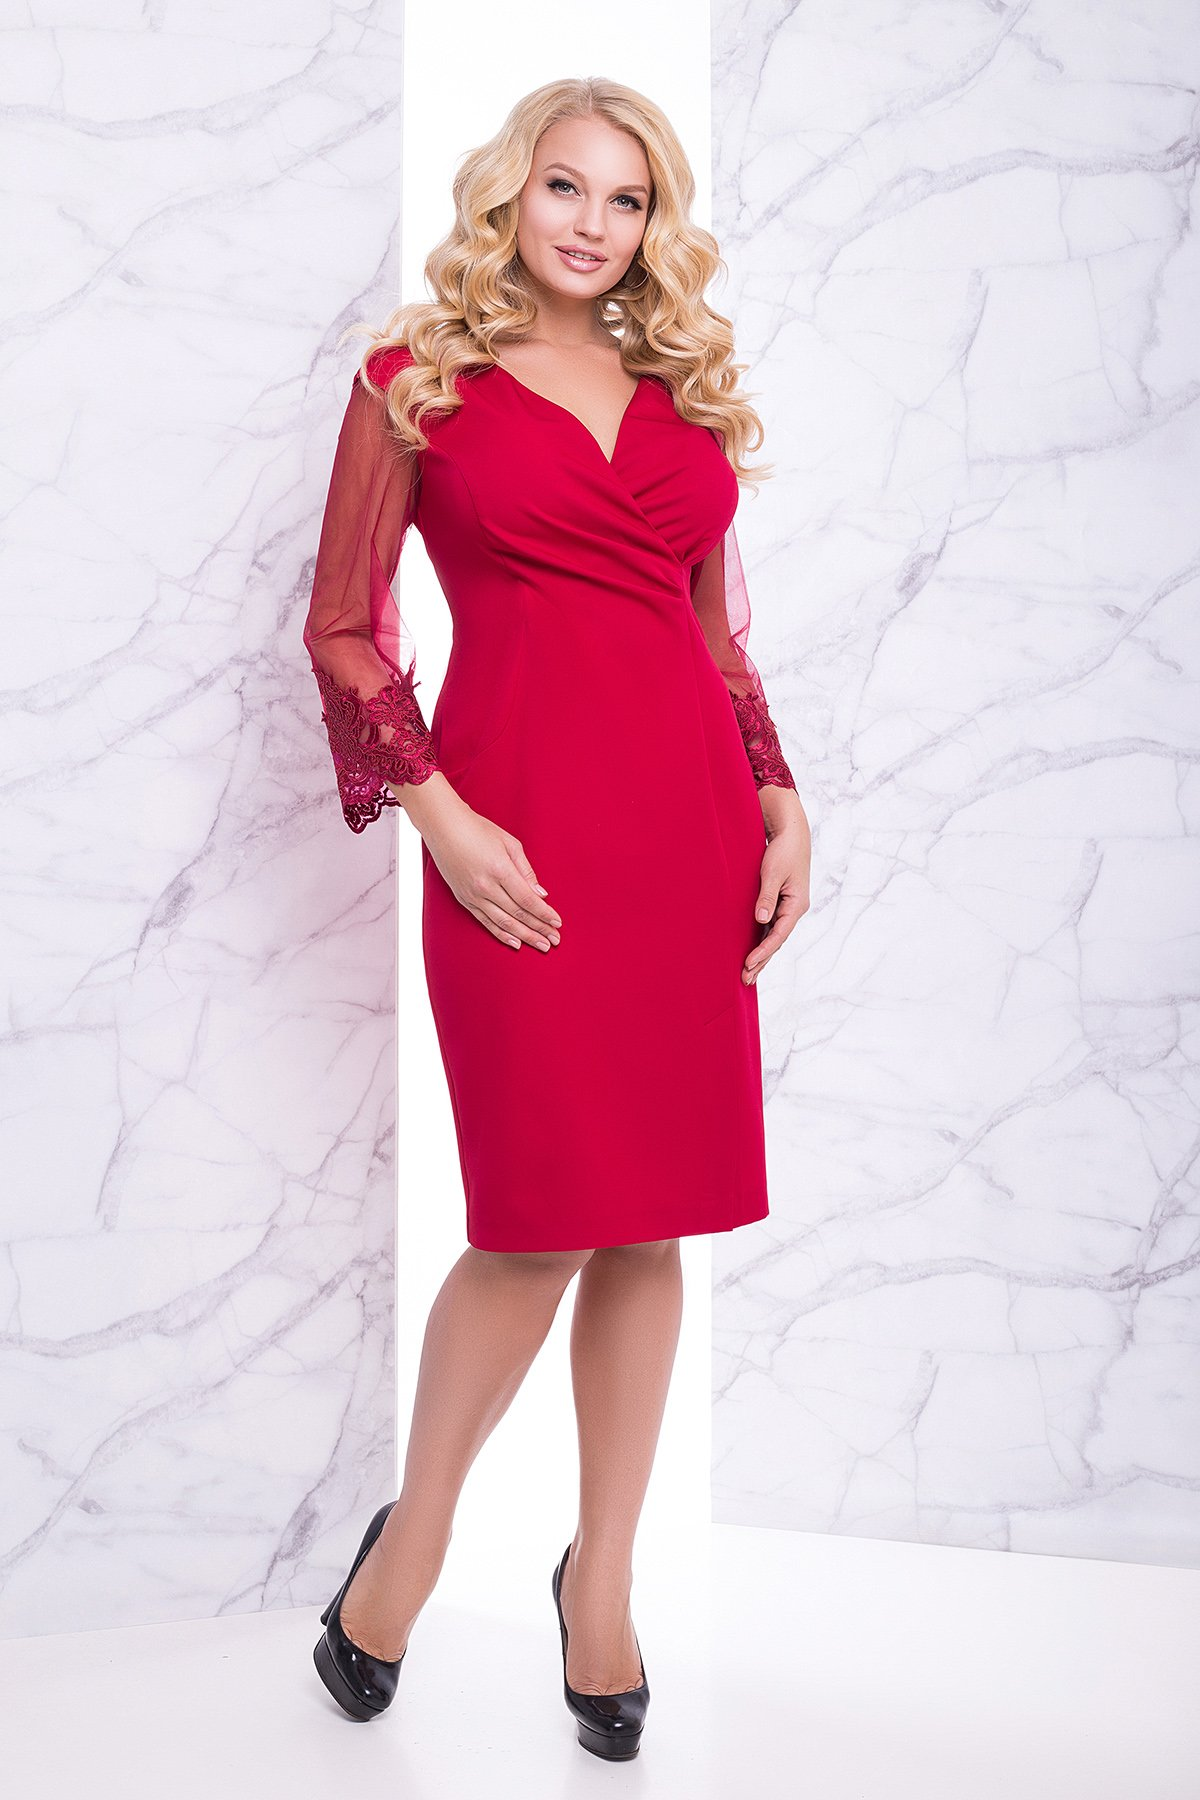 00a18b1fa92 Красное платье Евгения - купить недорого — Donna Bella - Lu-Евгения-1-50